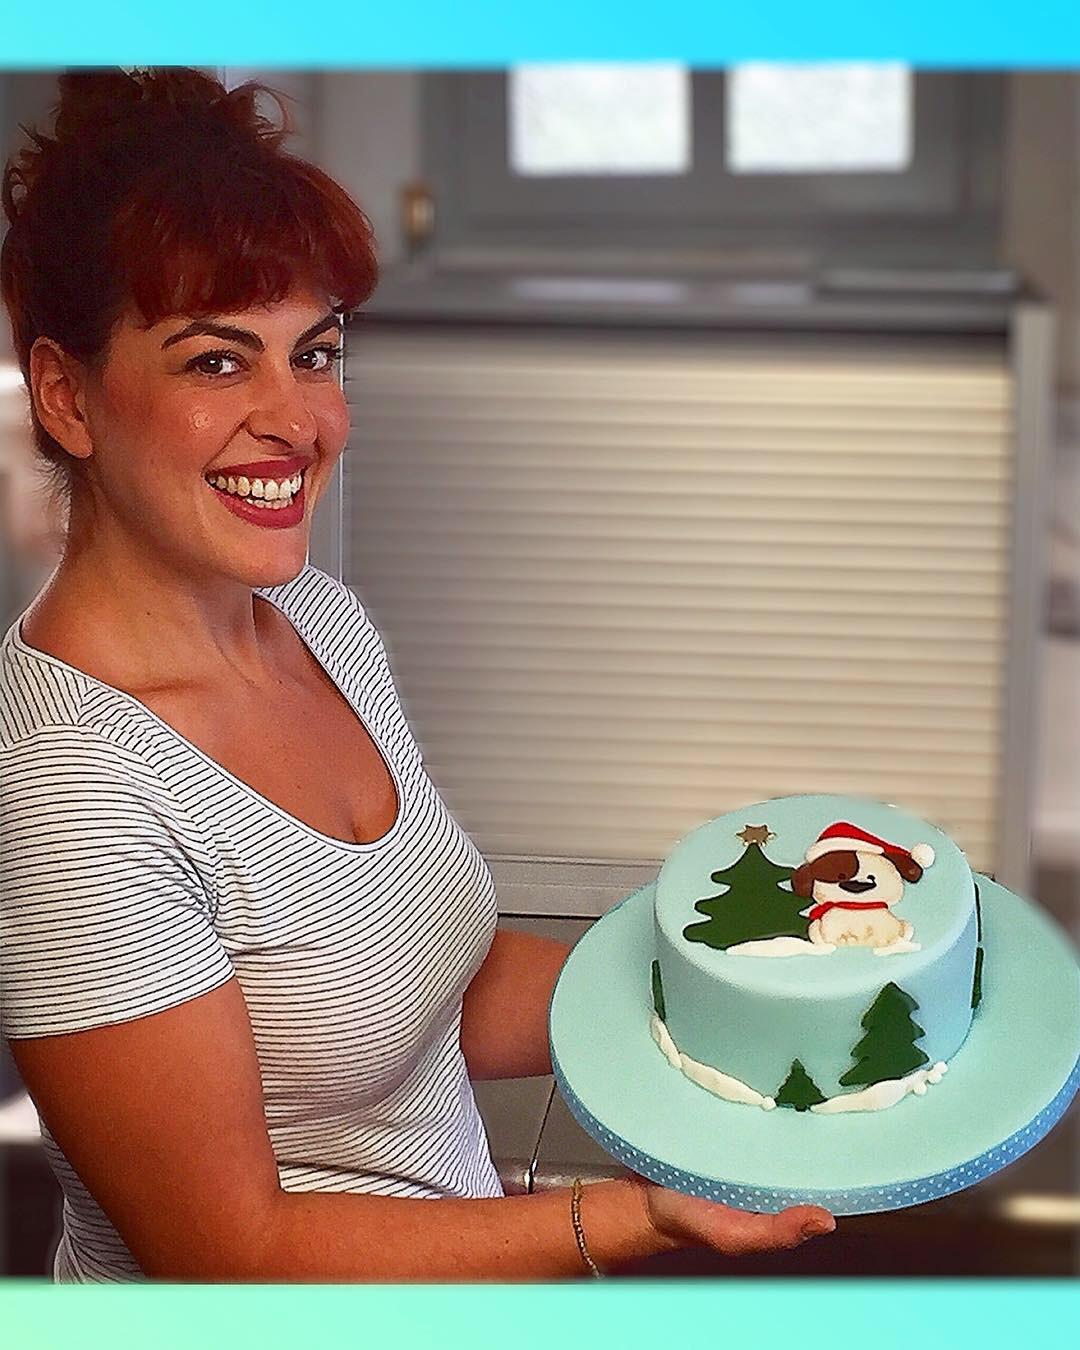 Βασικό σεμινάριο τούρτα με ζαχαρόπαστα